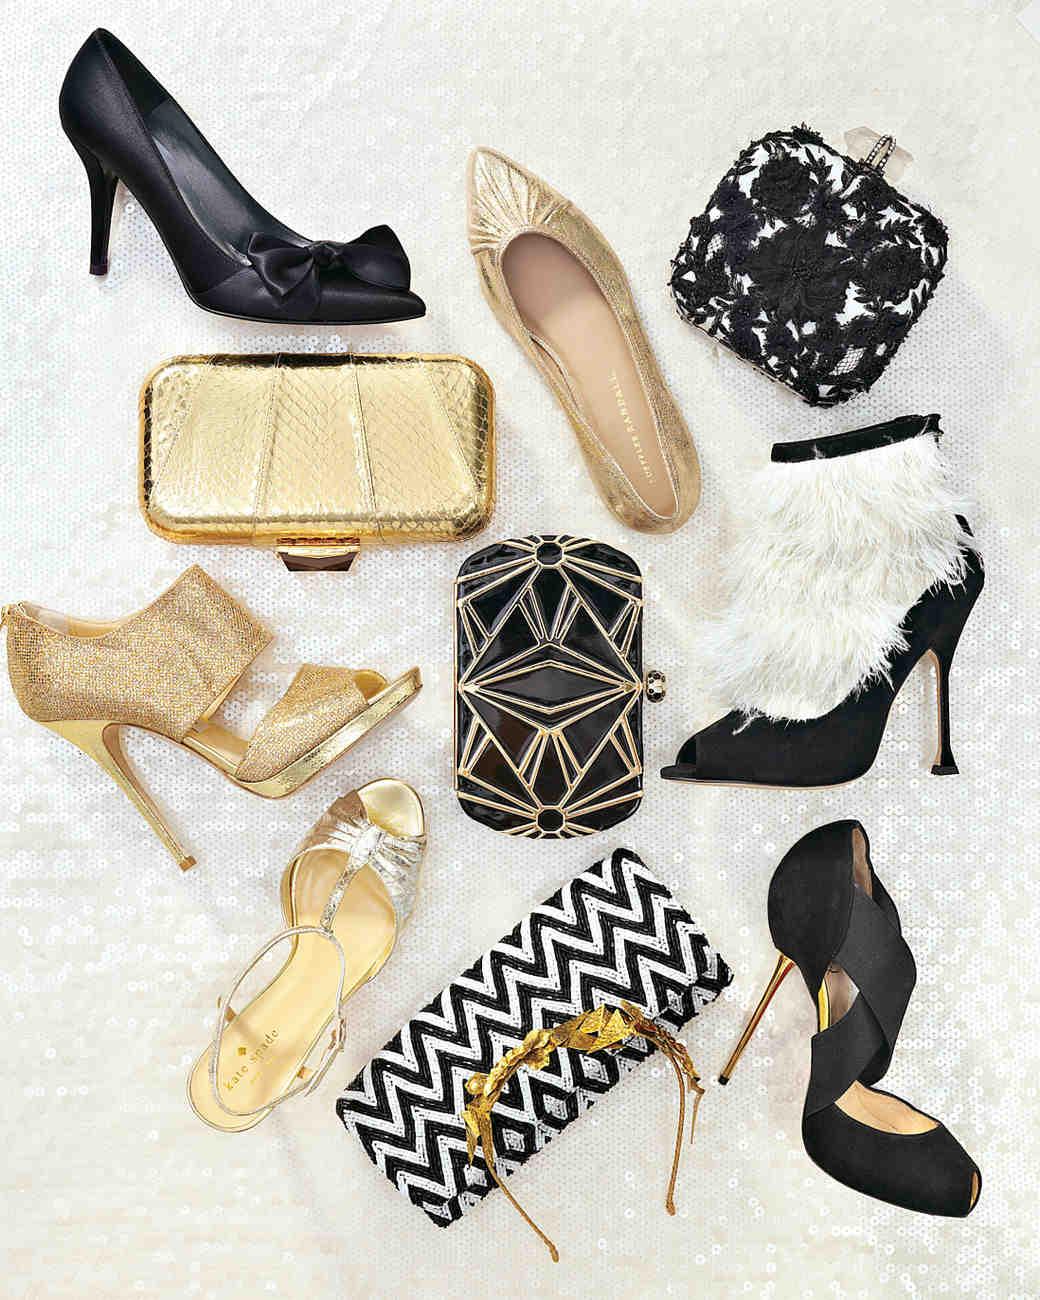 shoe-palette-mwd107760.jpg